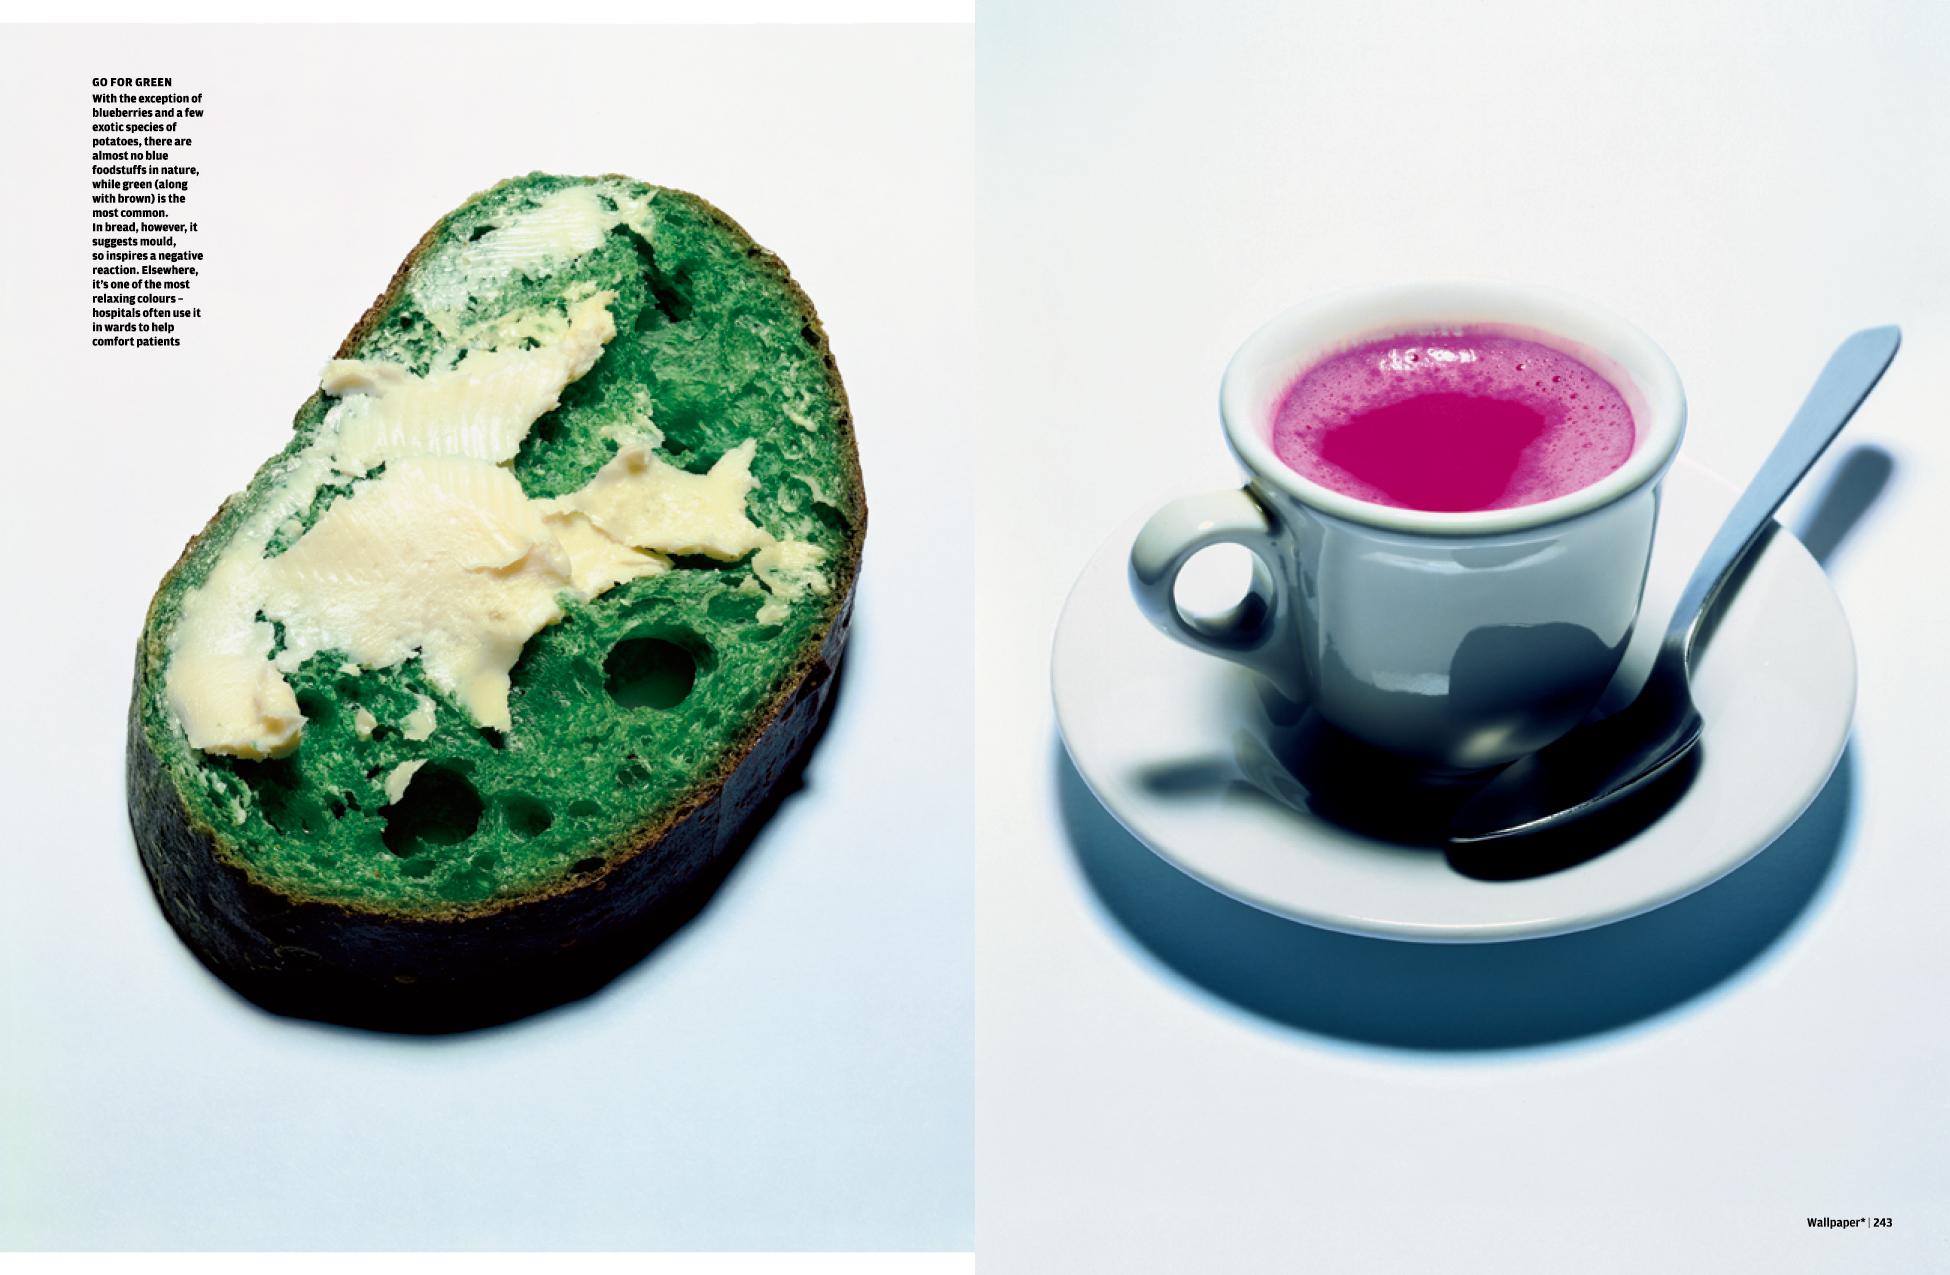 Wallpaper* Food+Drink9.jpg